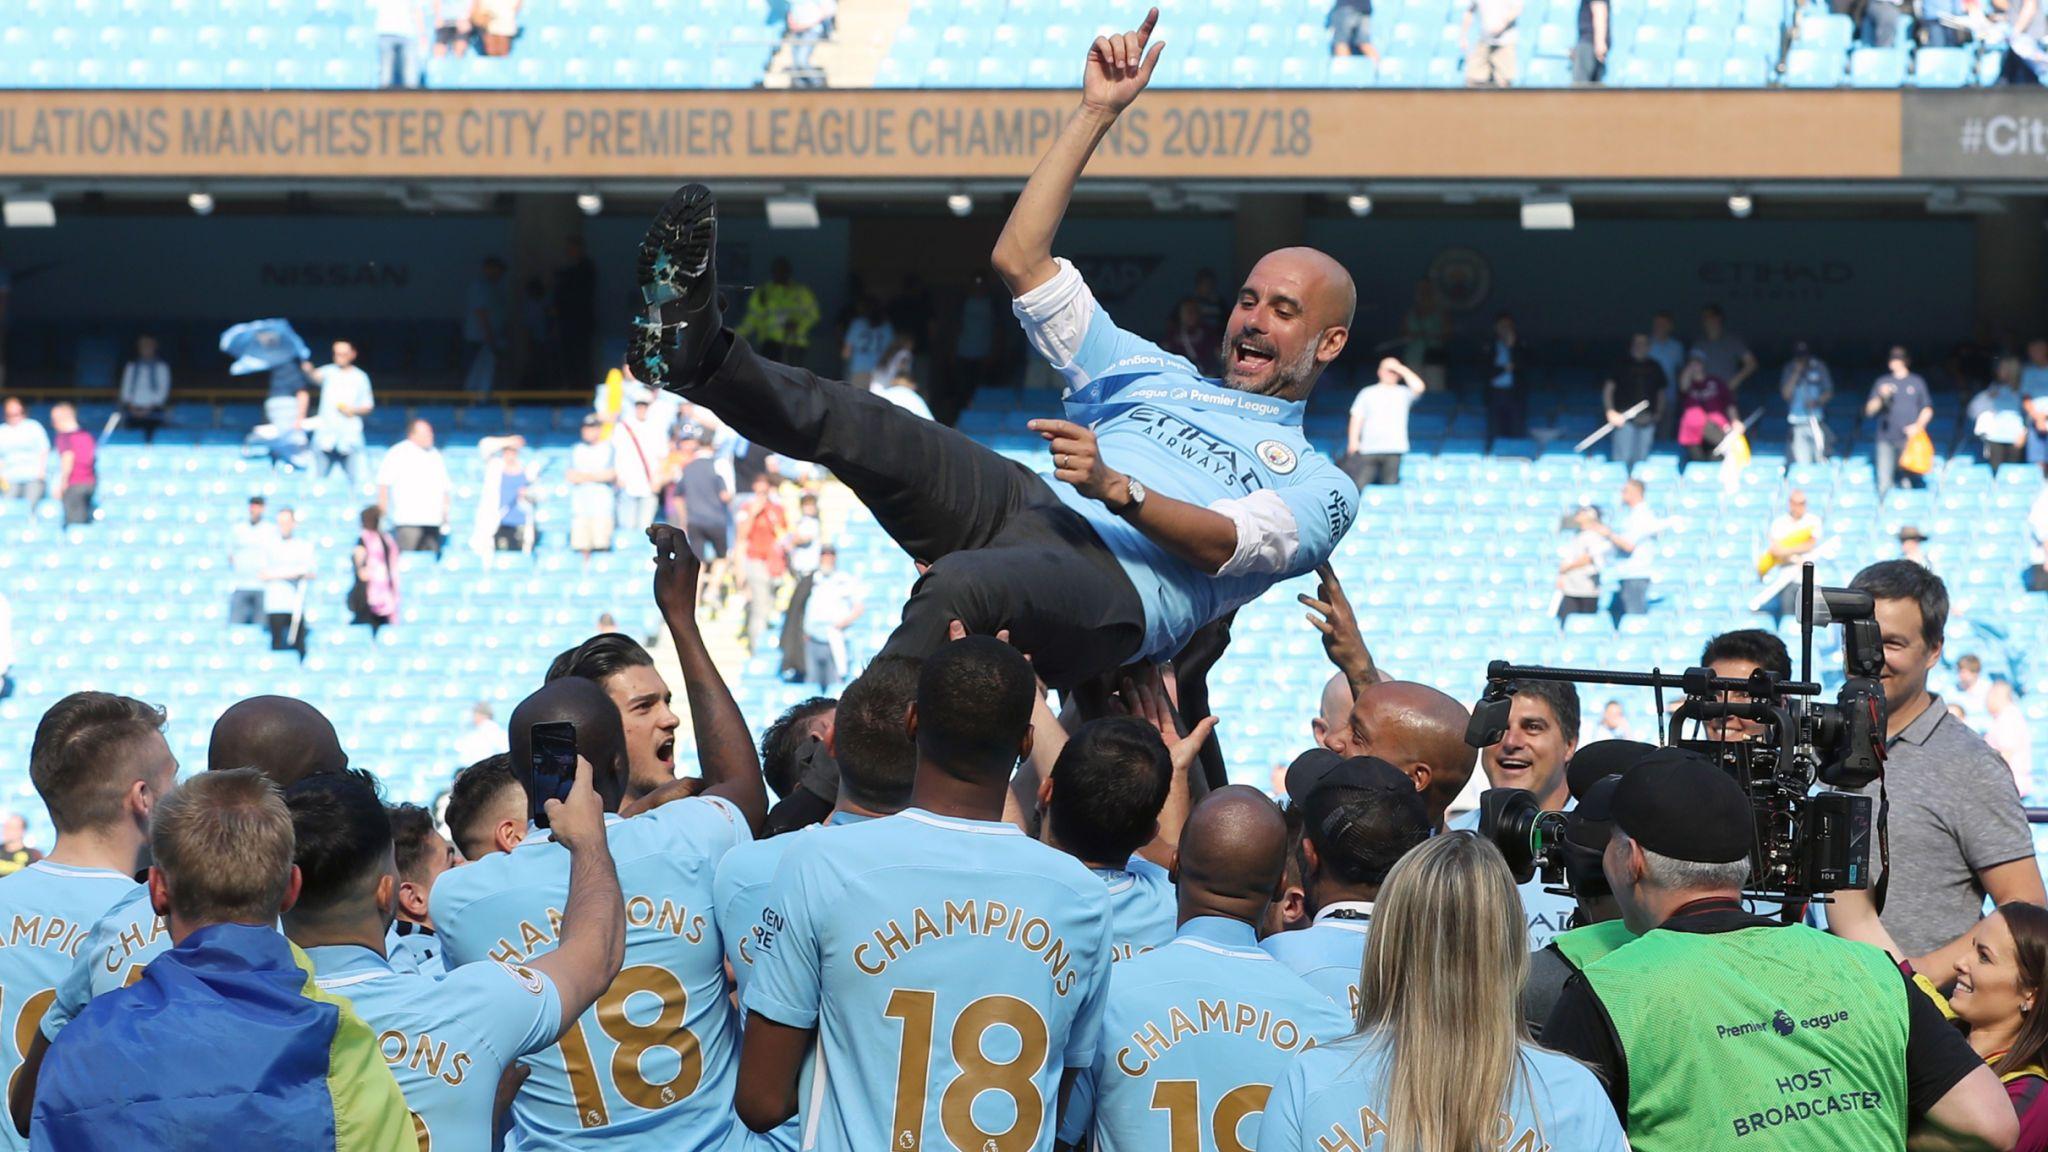 Pep Manchester City Sulit Memenangkan Apa Pun Hanya Dengan